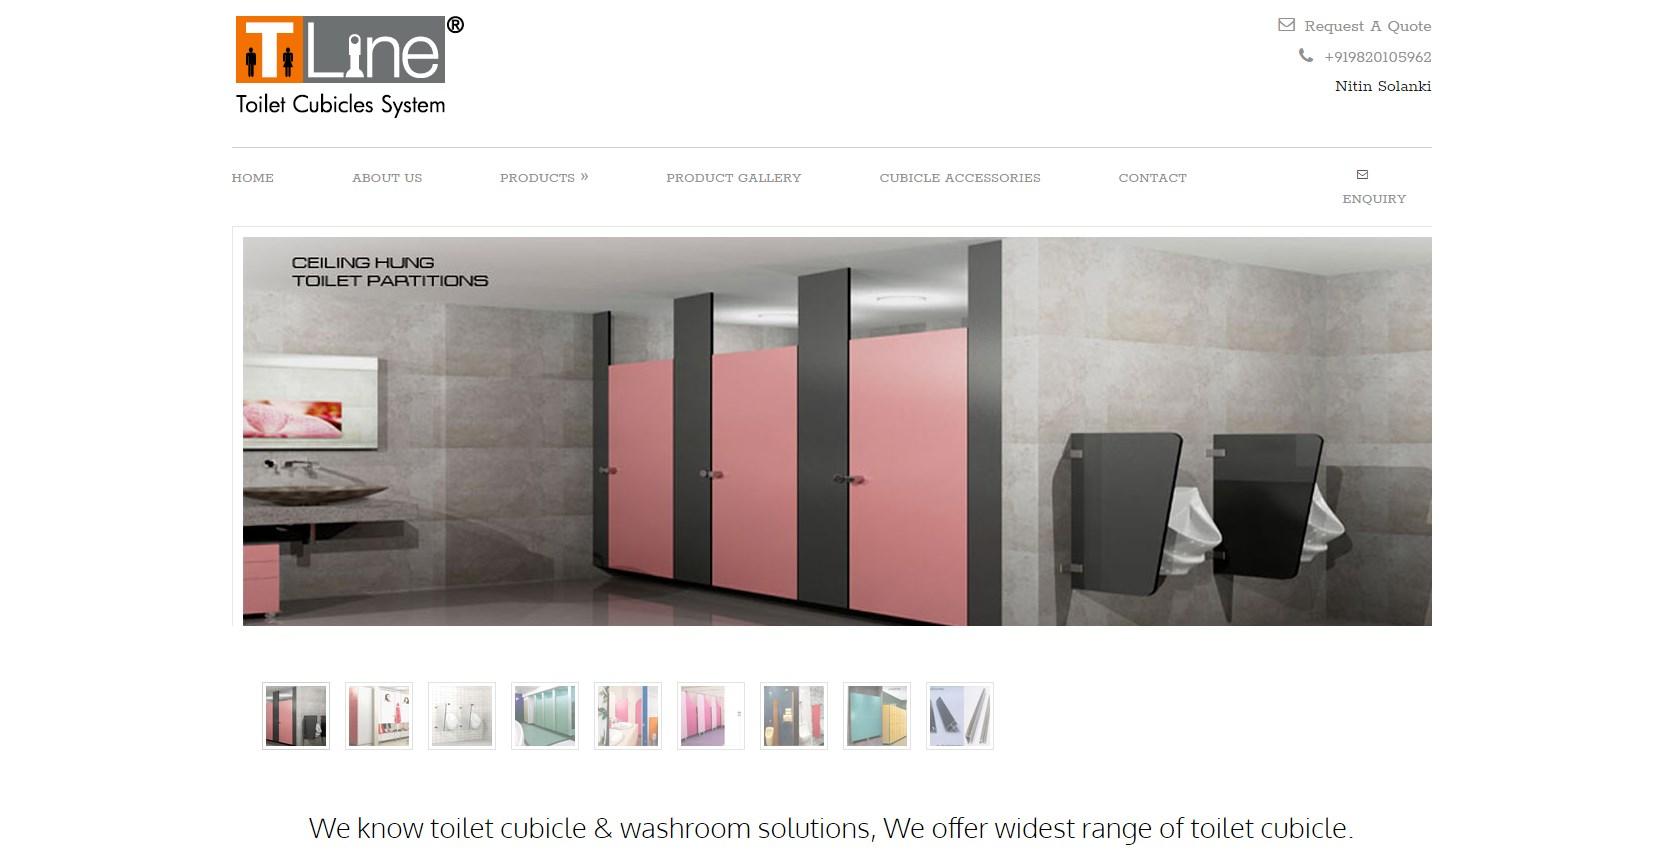 www.toiletcubicleindia.com